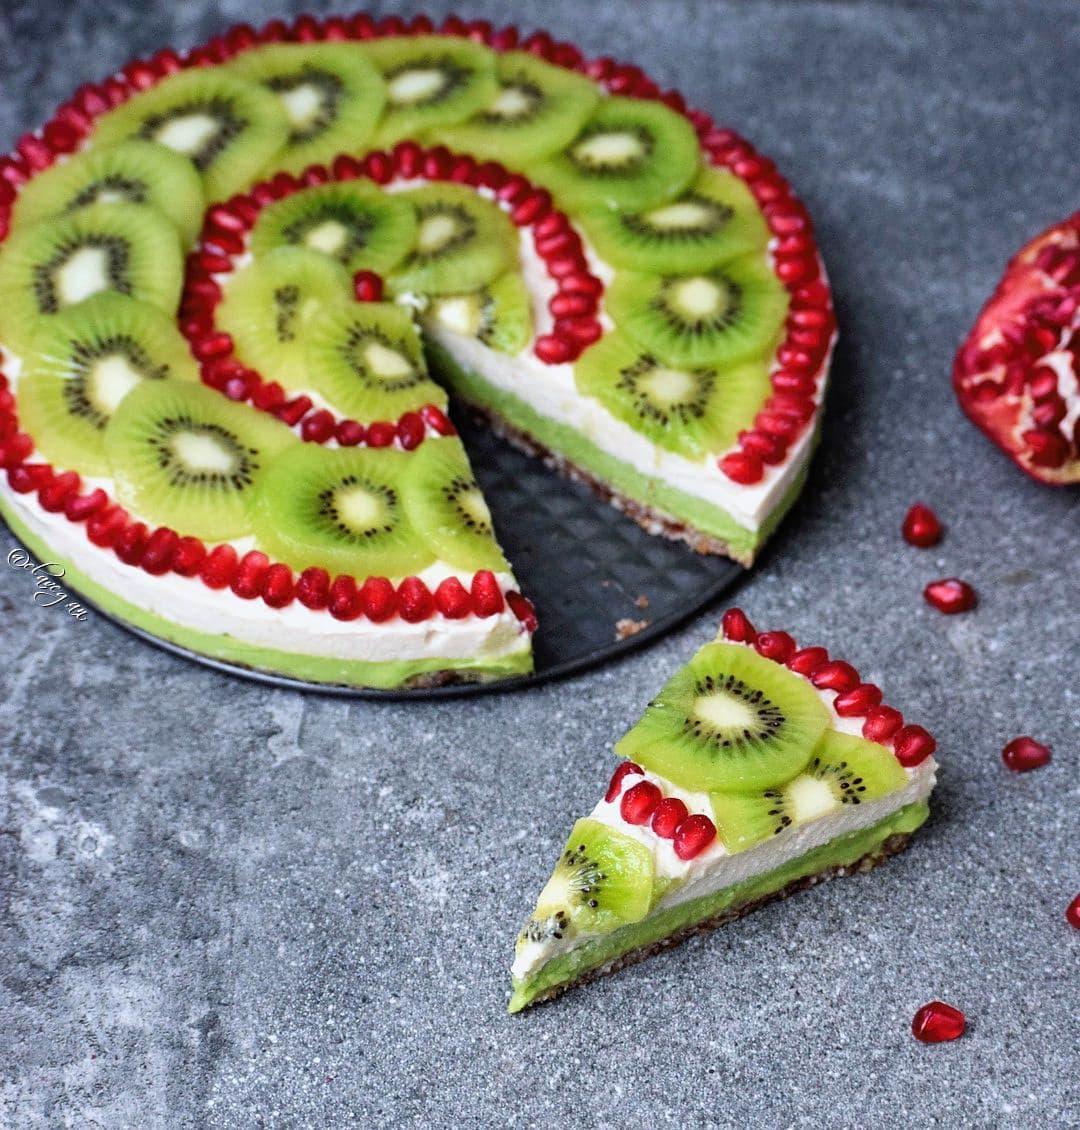 Fruchtiger Kuchen mit Avocado und Cashews. Dekoriert mit Kiwi und Granatapfelkernen